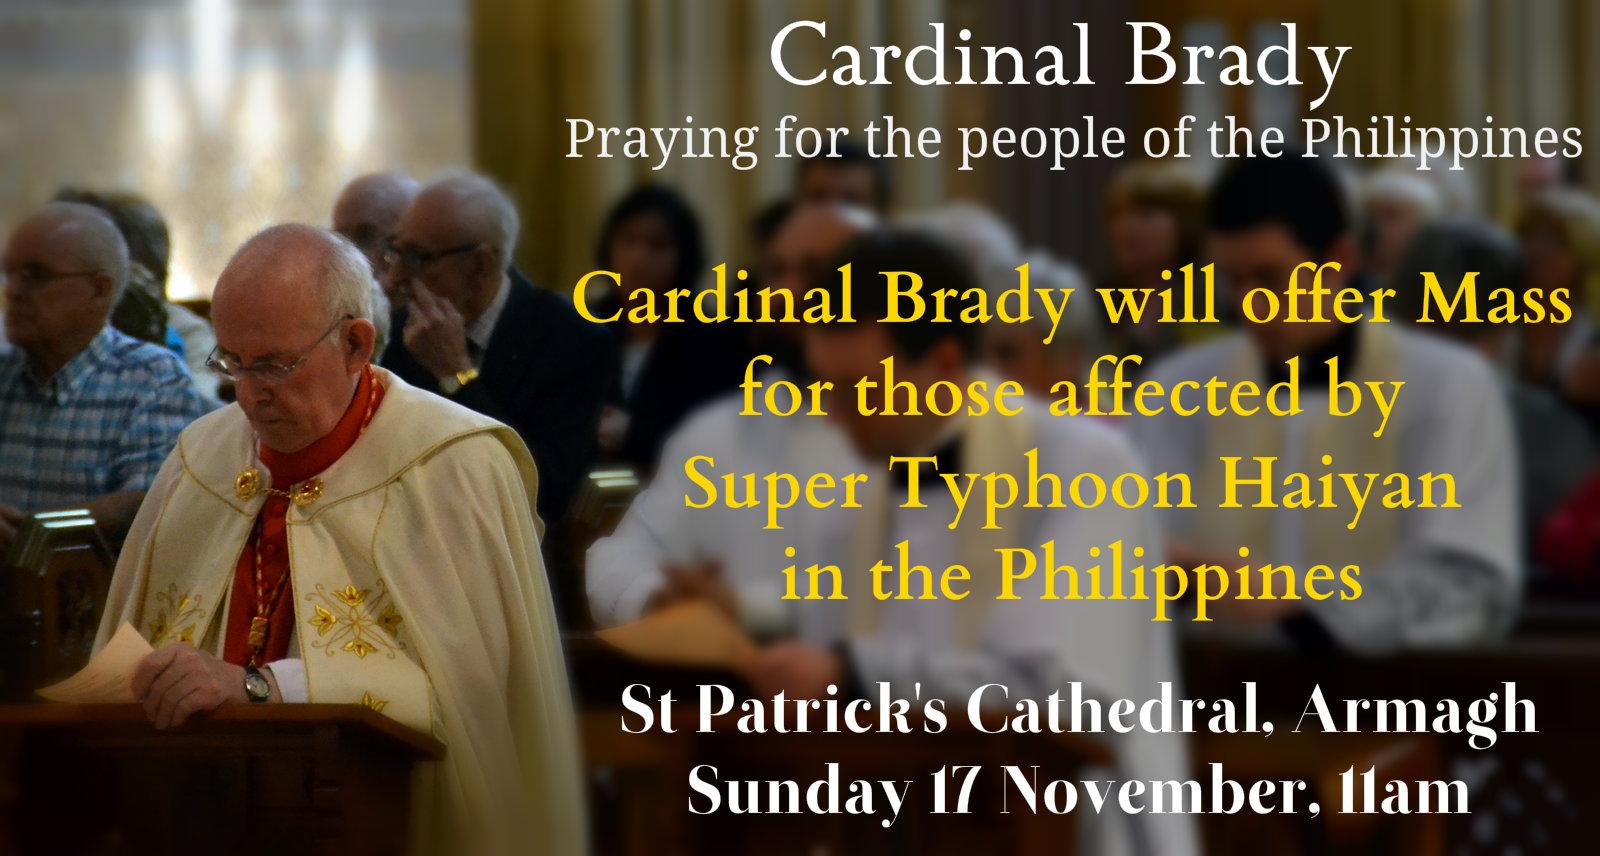 Praying cardinal